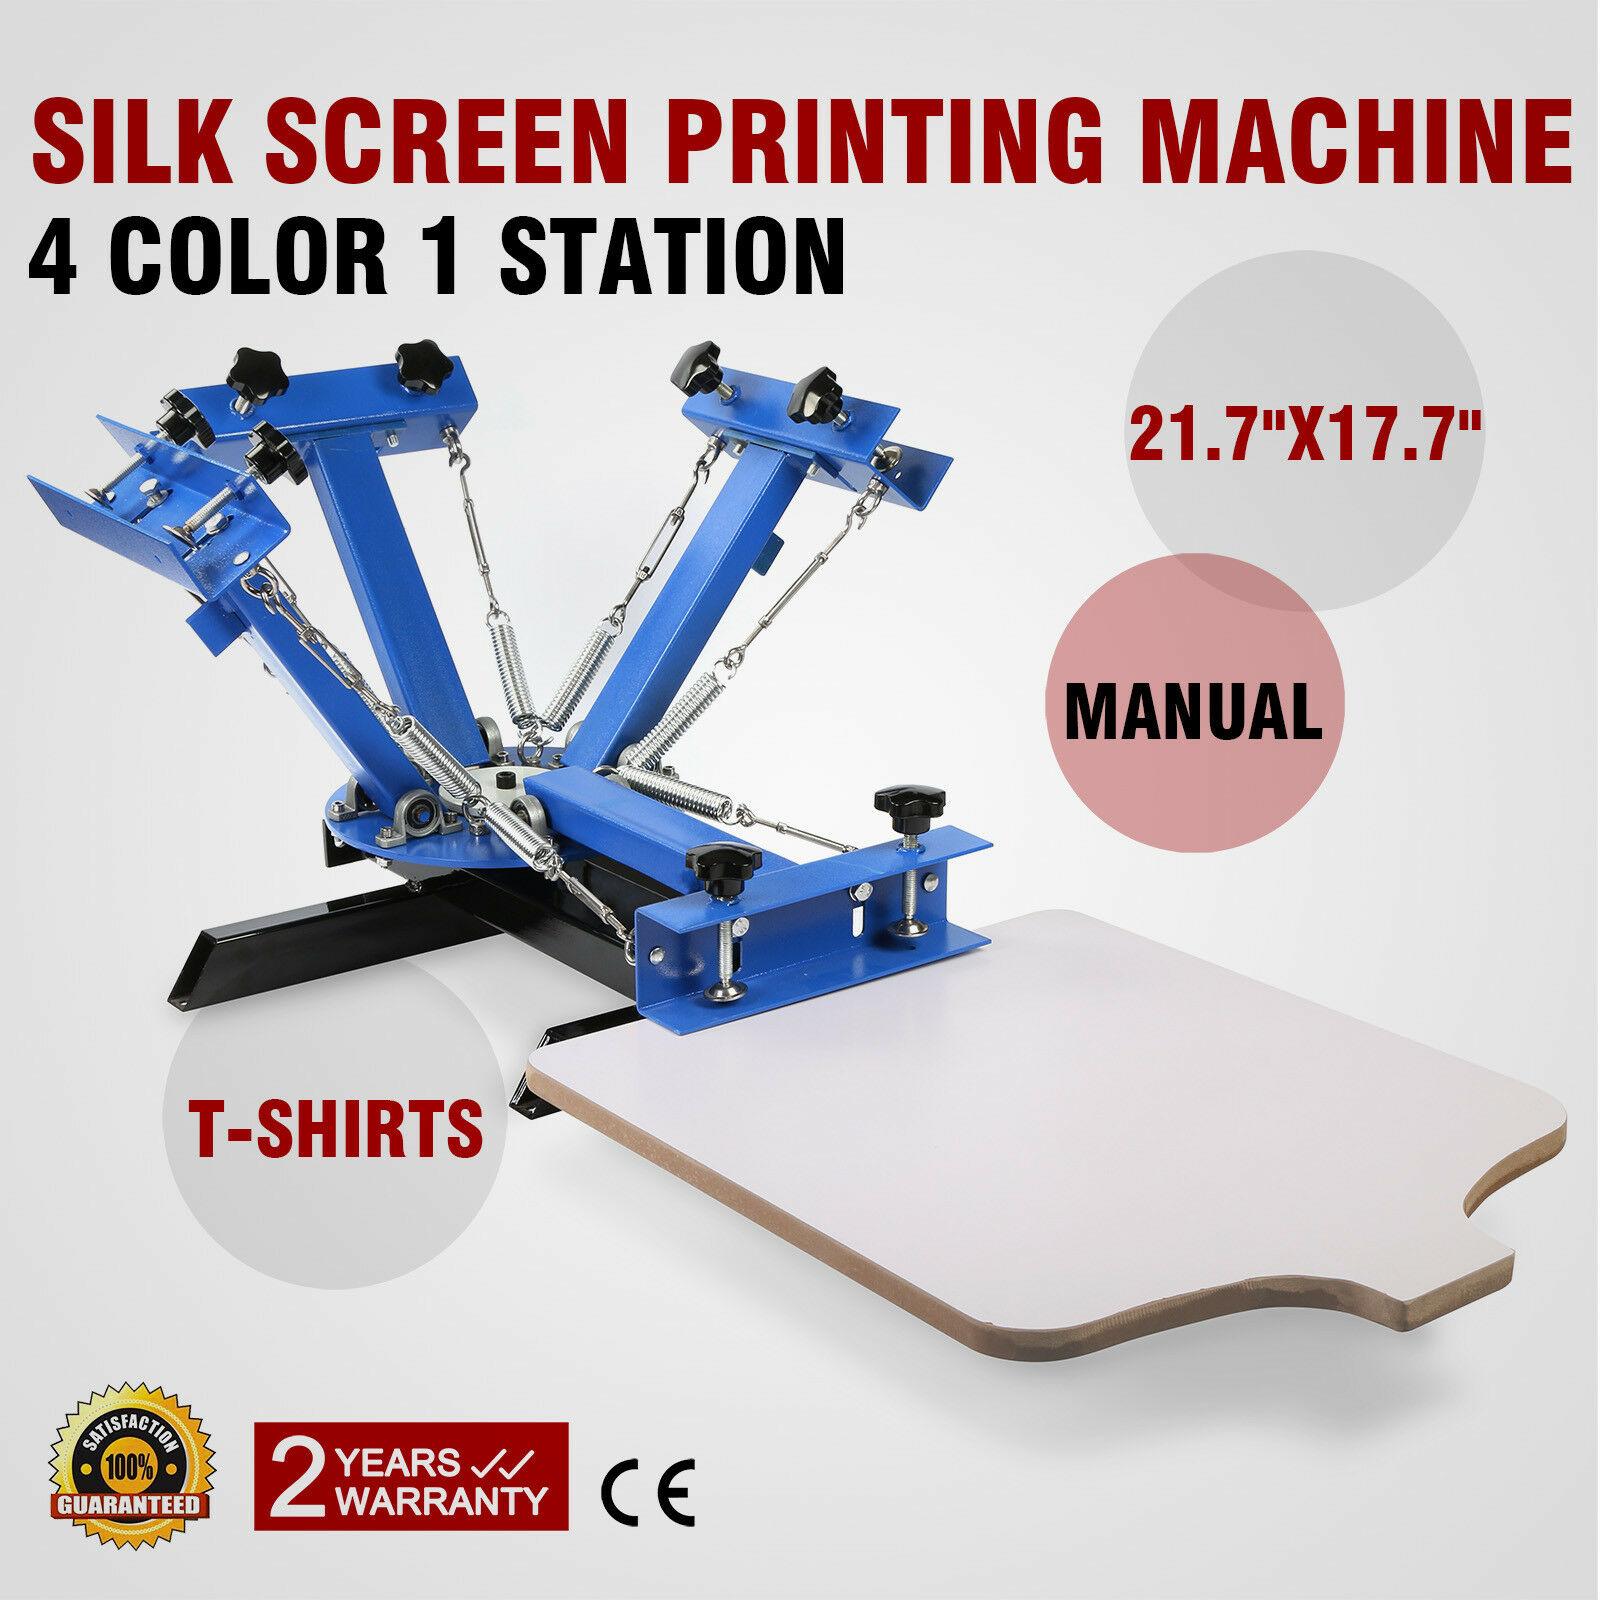 Машина для трафаретной печати, 4 цвета, 1 станция, трафаретная печать для печати футболок «сделай сам» со съемным поддоном